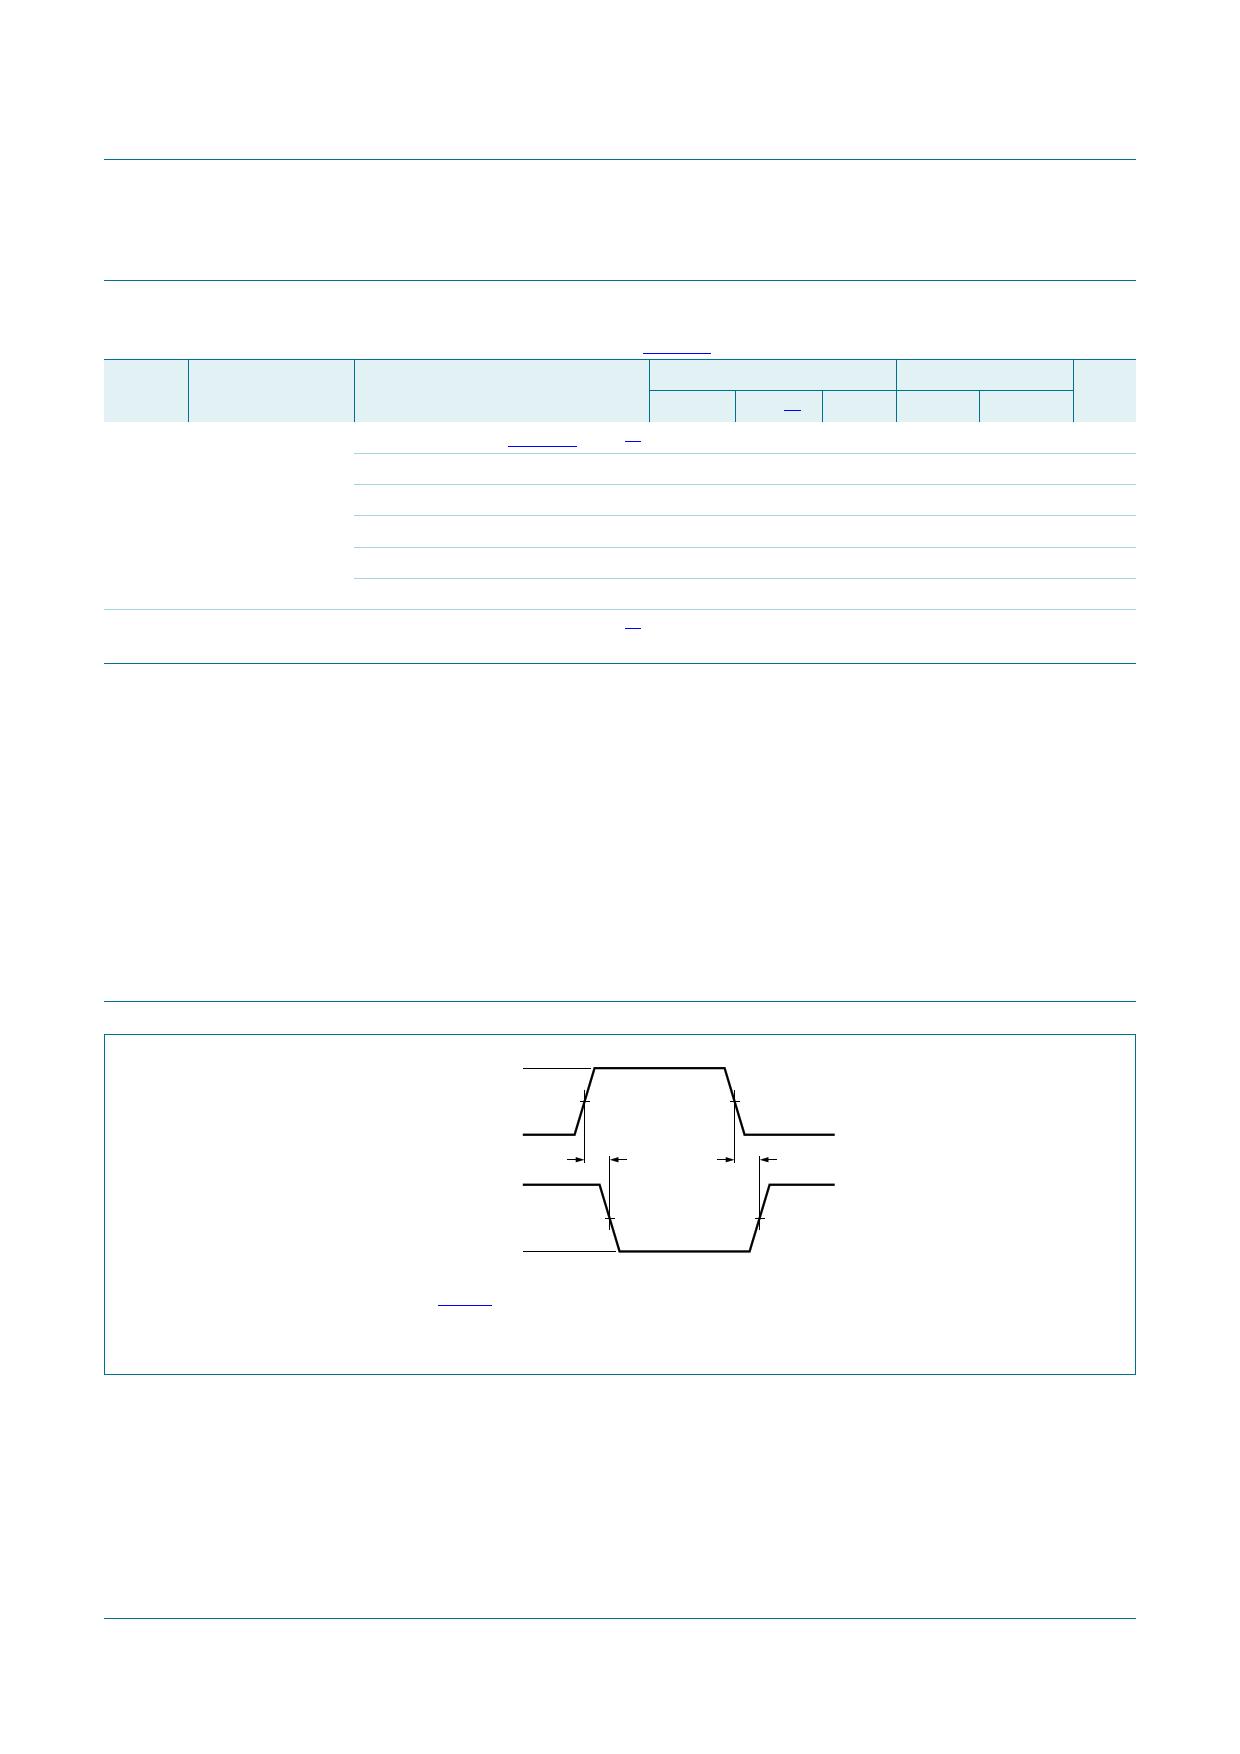 74LVC2G02-Q100 pdf